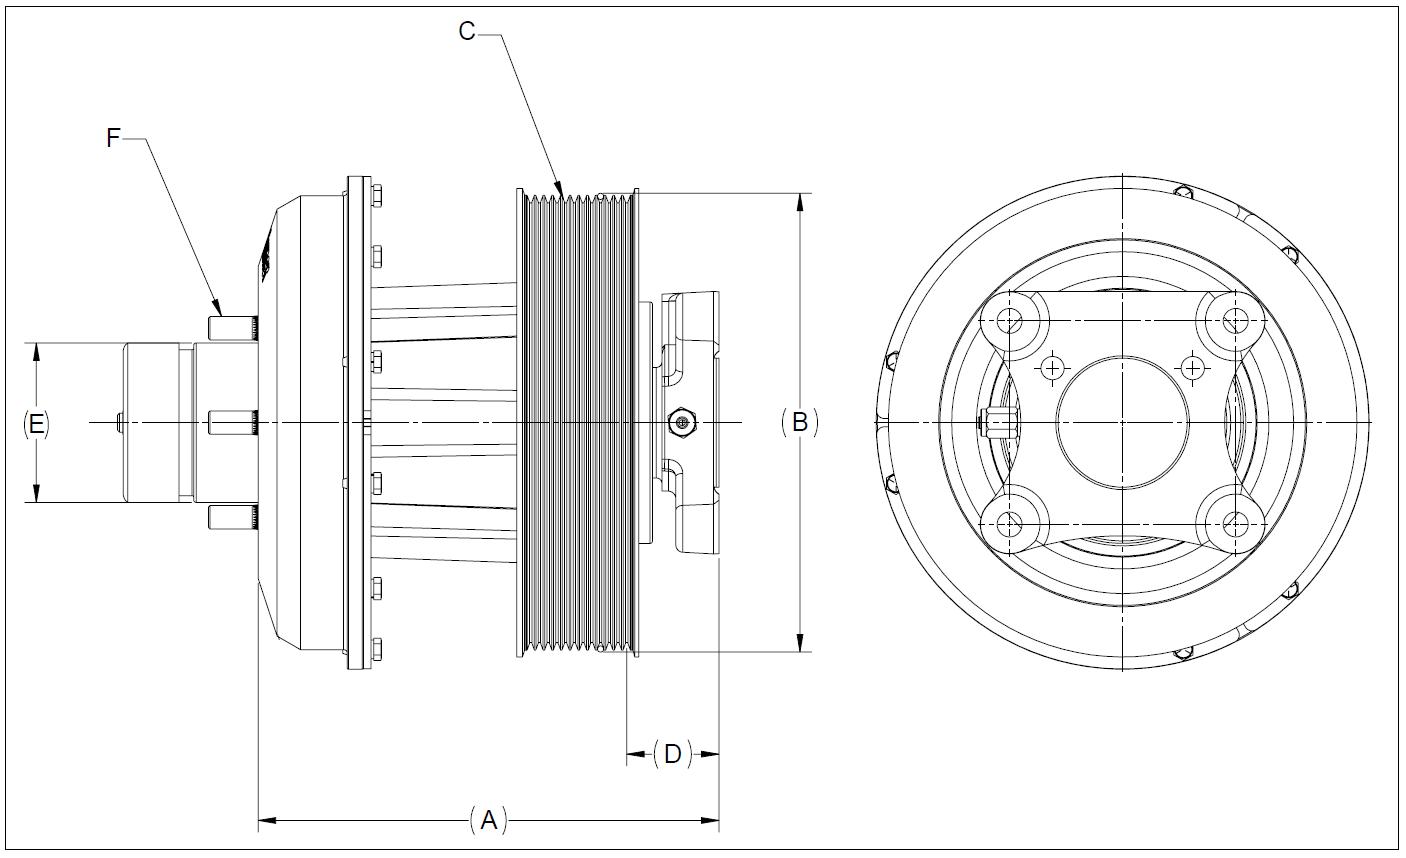 010021022 K26 Rear Air Fan Drive Assembly